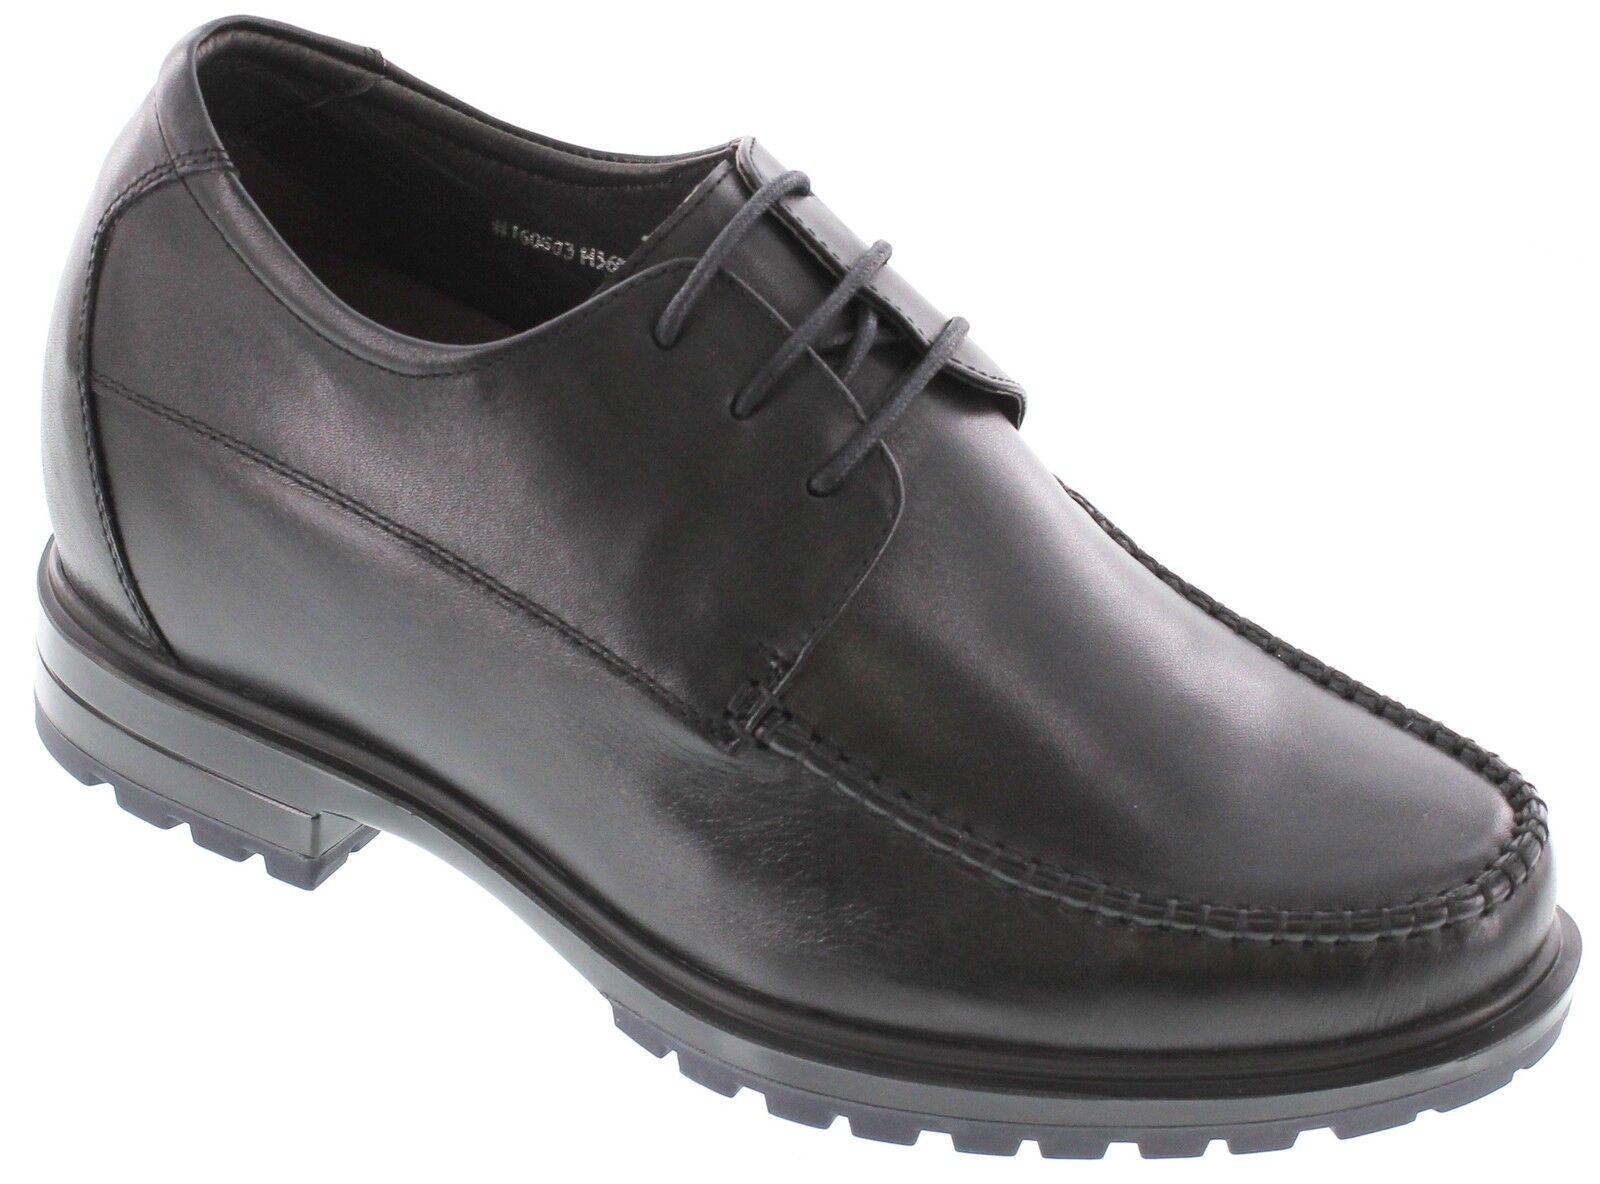 Toto H36021 - 9.1cm Aufzug Höhe Vergrößerte Schwarz Moc Zehen Kleid Schuhe